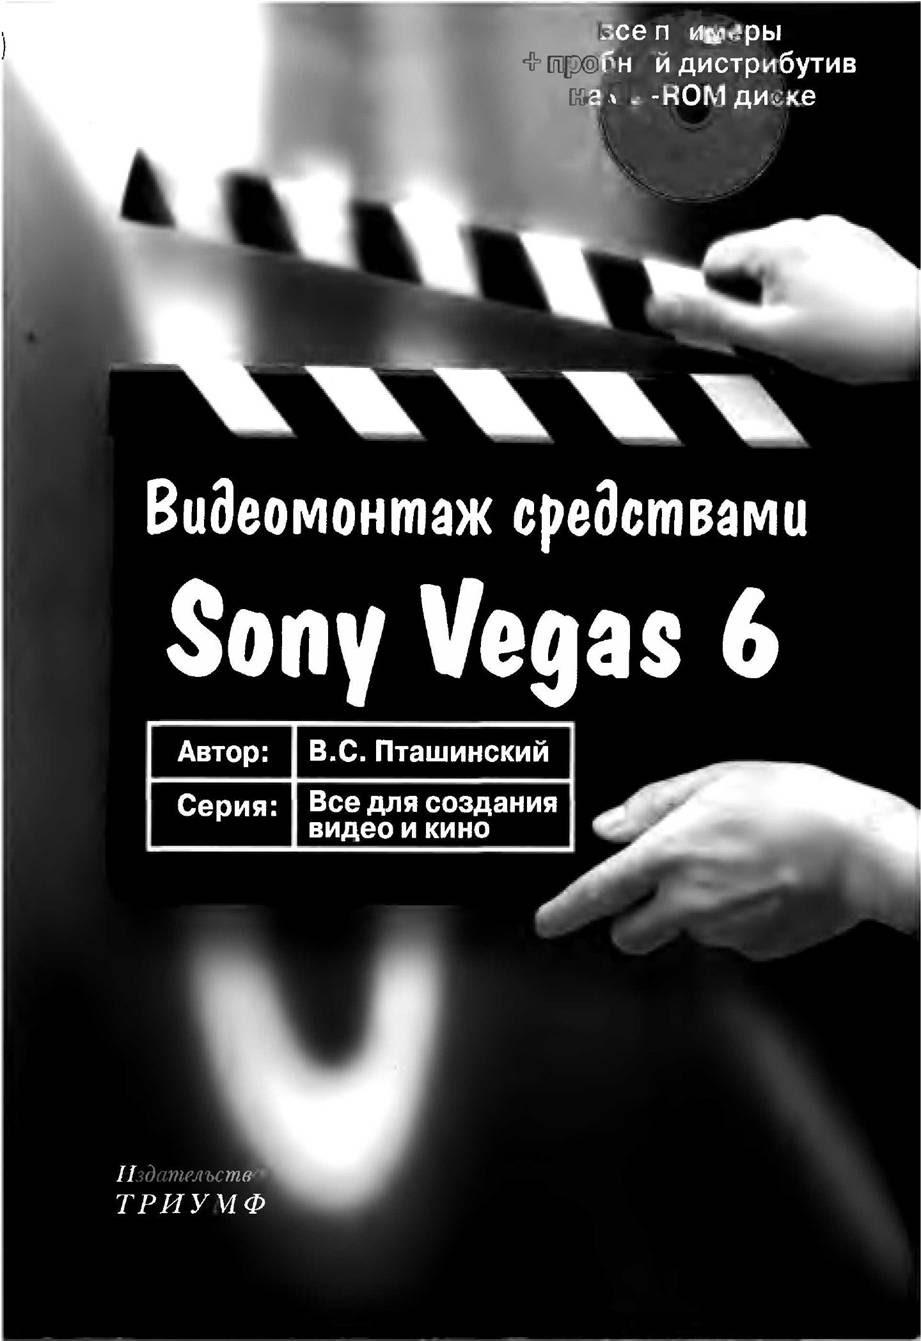 http://redaktori-uroki.3dn.ru/_ph/13/455066740.jpg